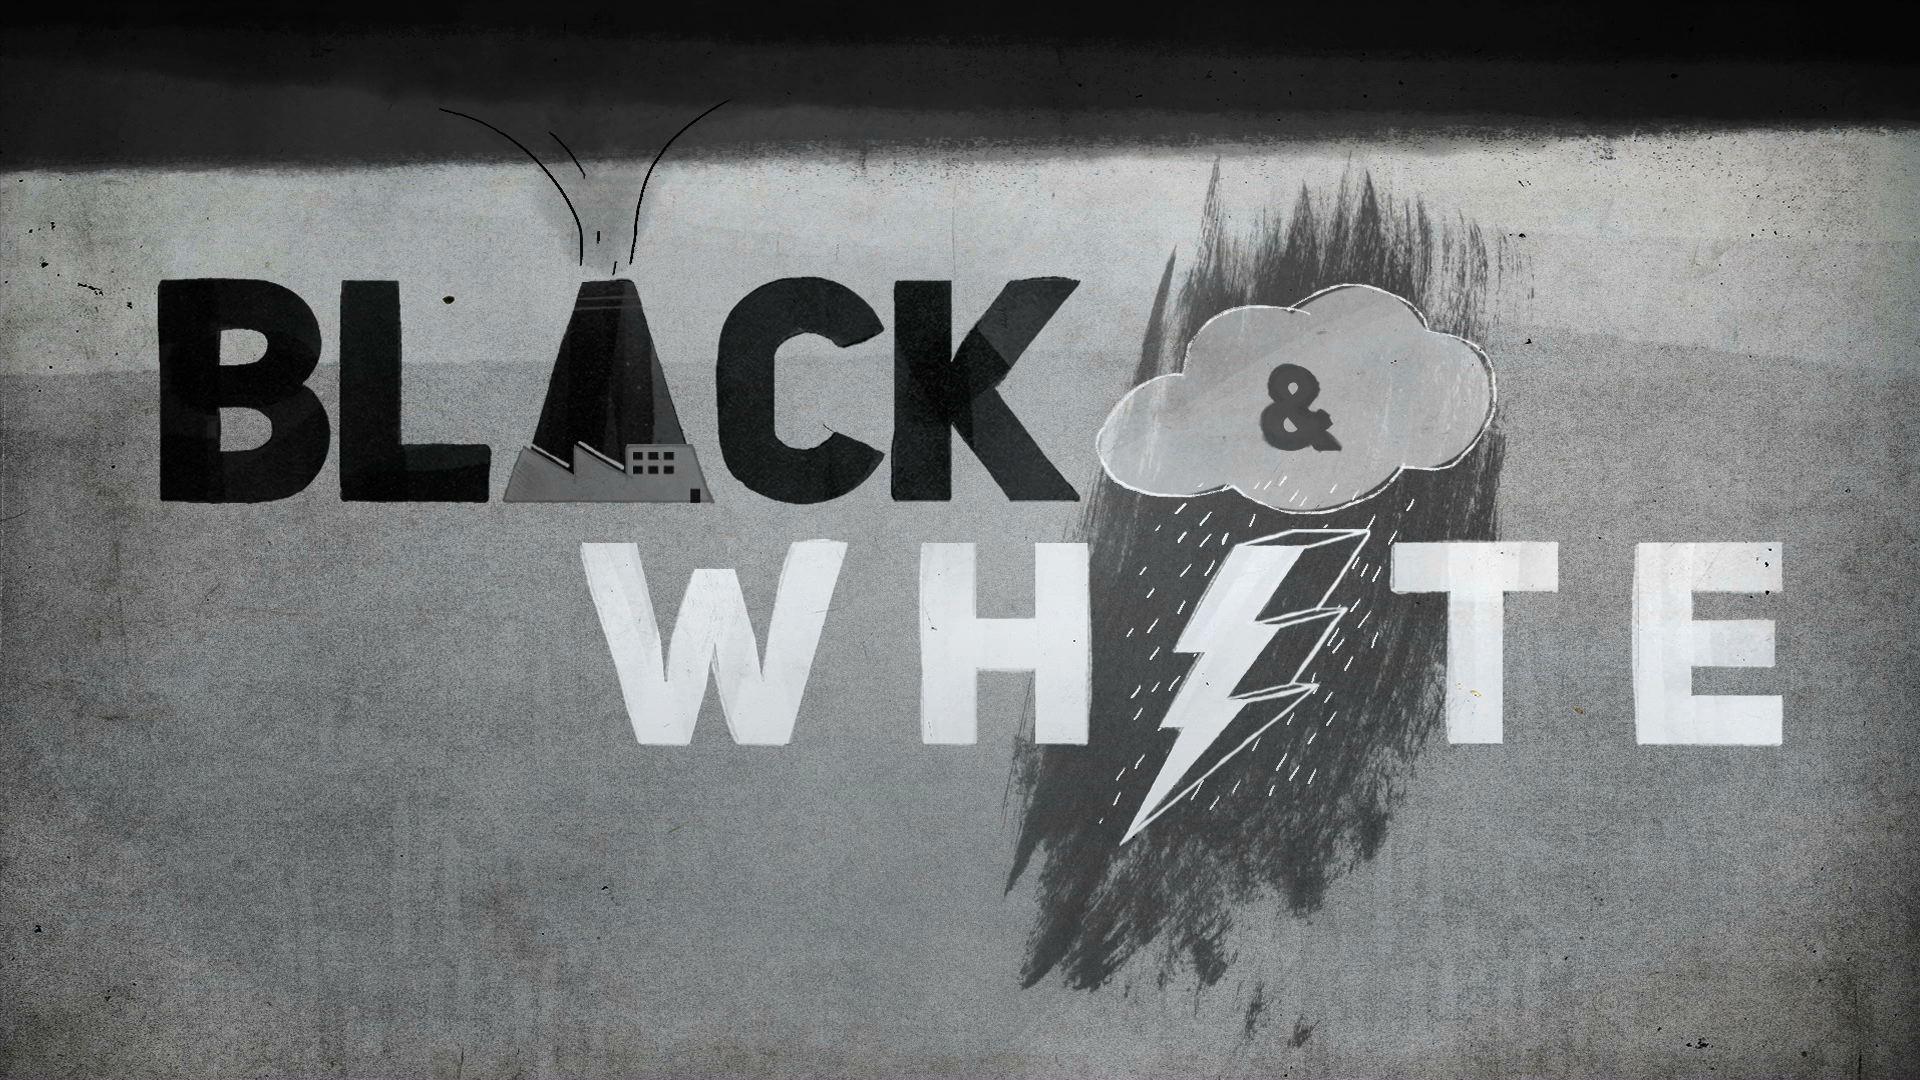 NRG BLACK & WHITE